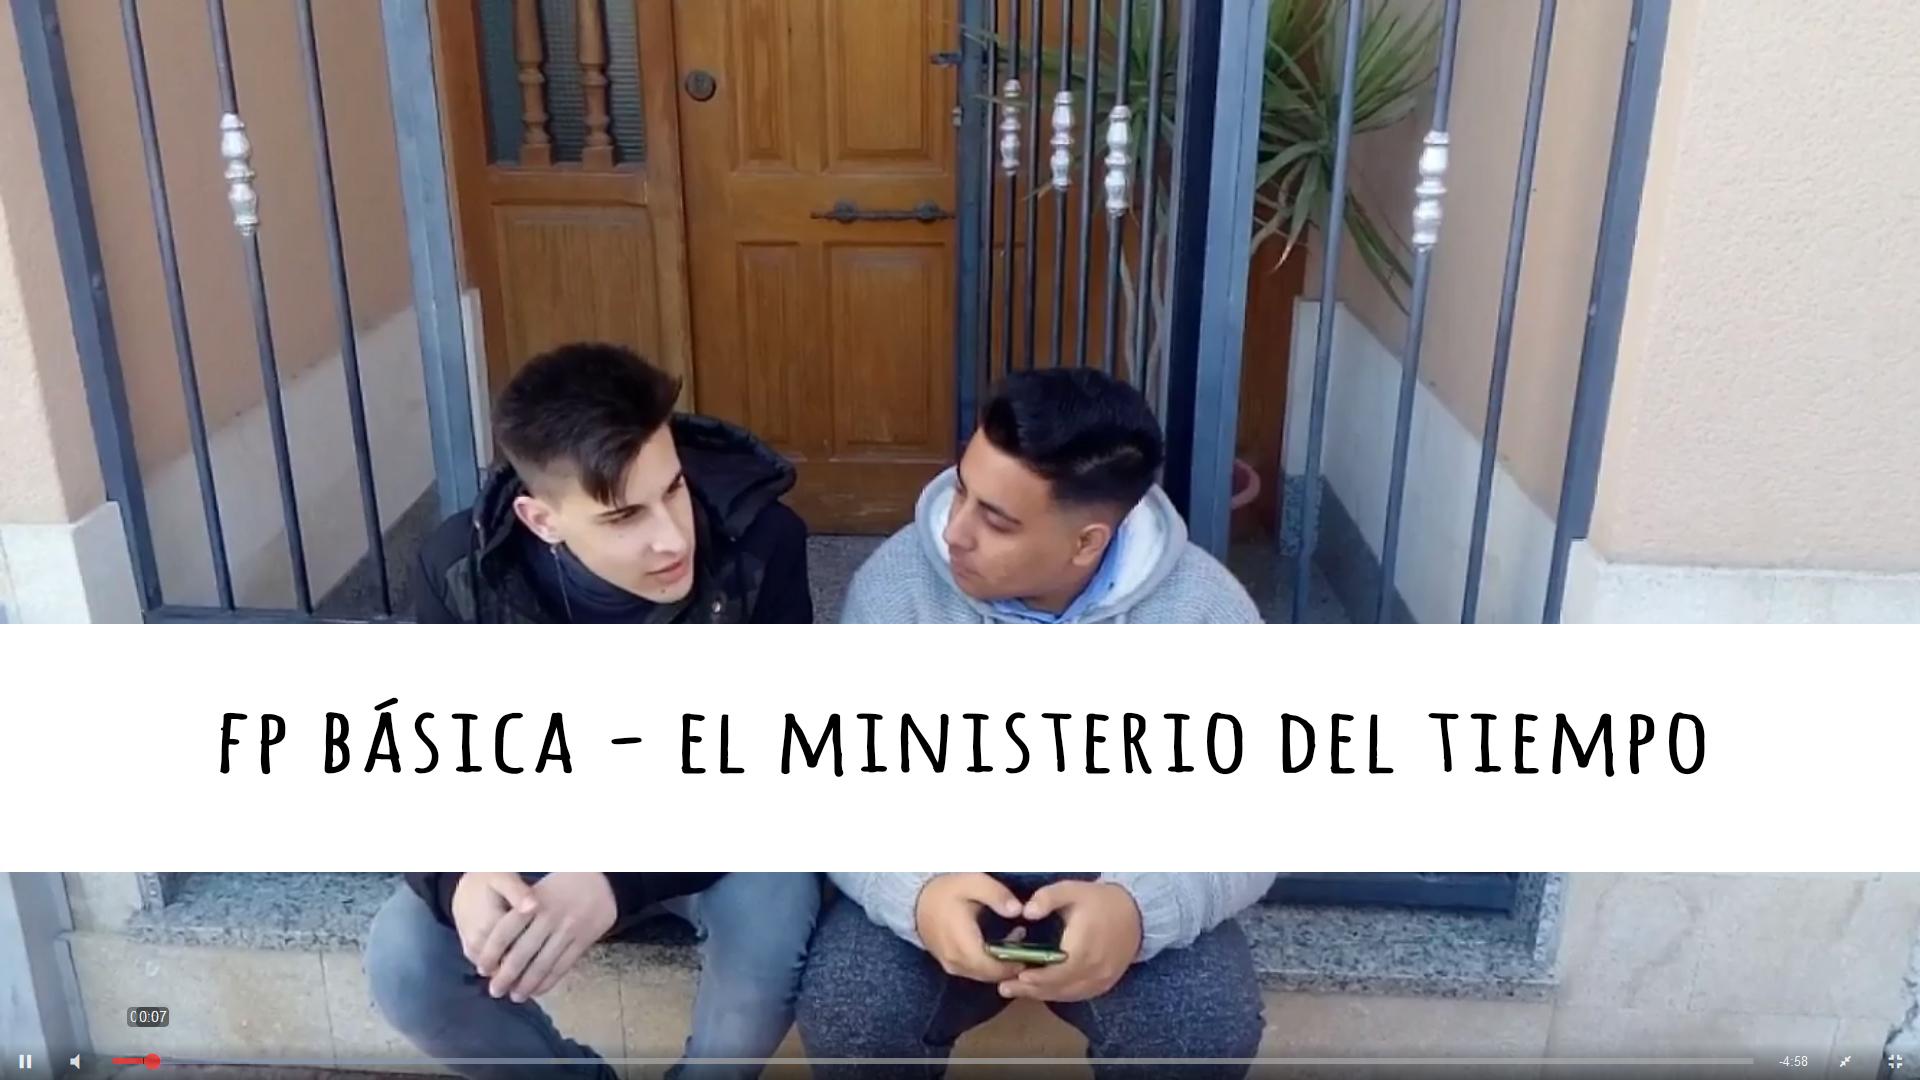 2 FP BÁSICA -  EL MINISTERIO DEL TIEMPO